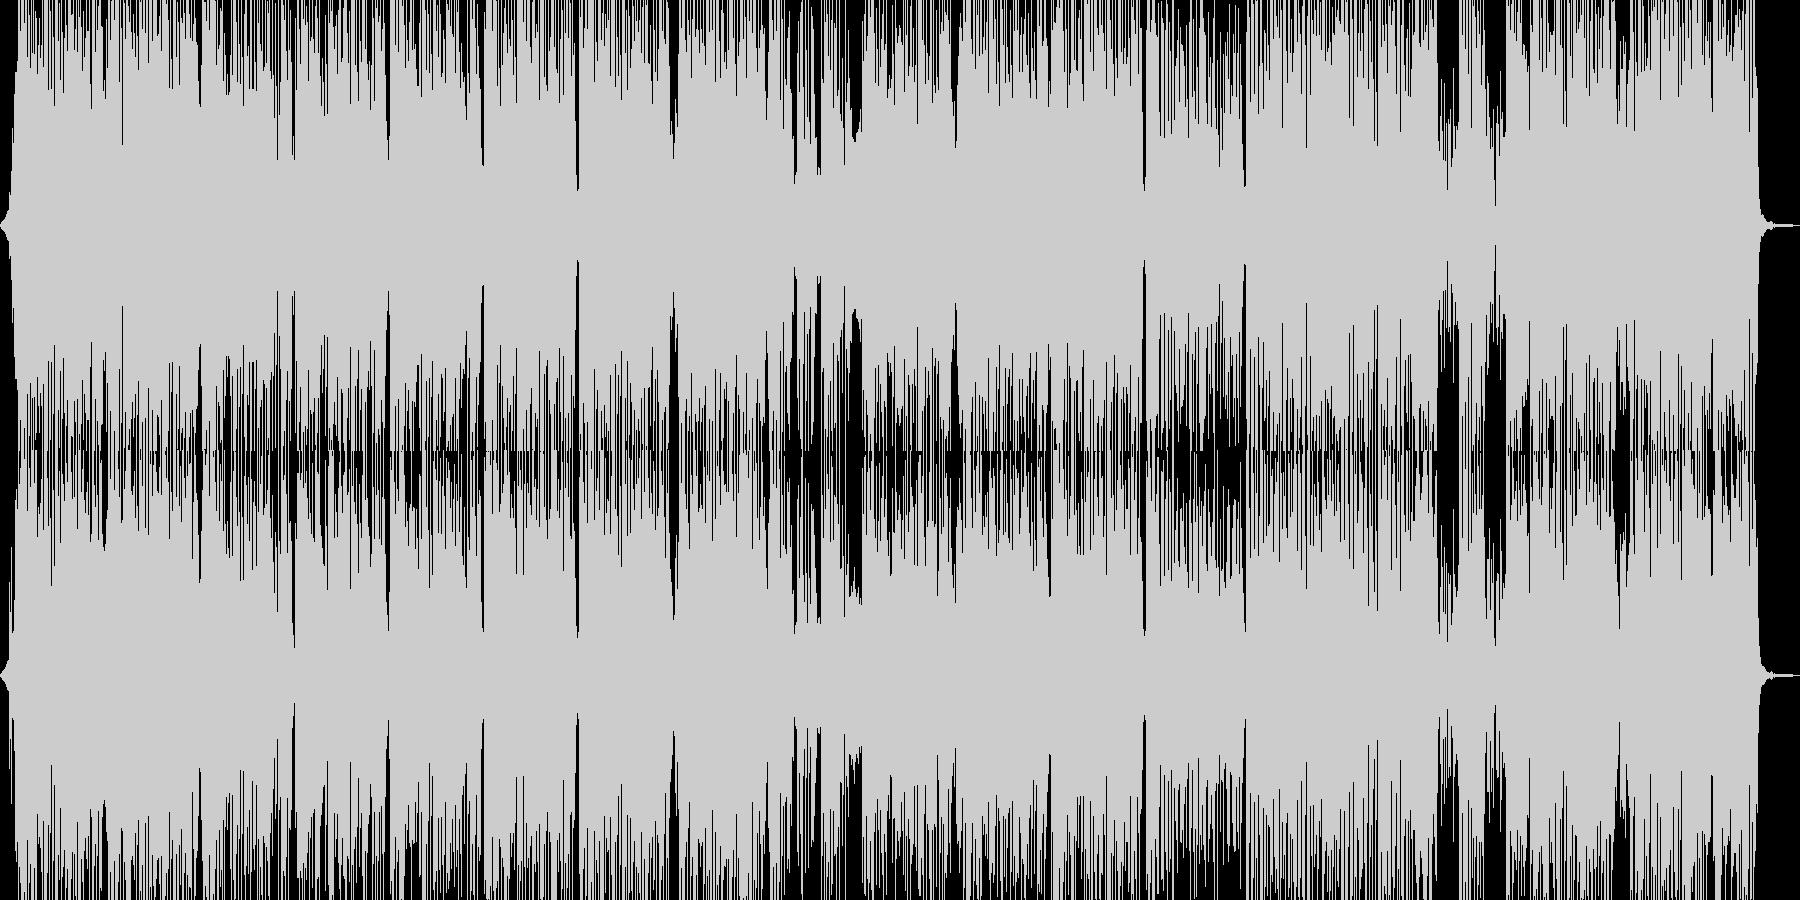 体が弾む明るいR&Bパレードポップの未再生の波形